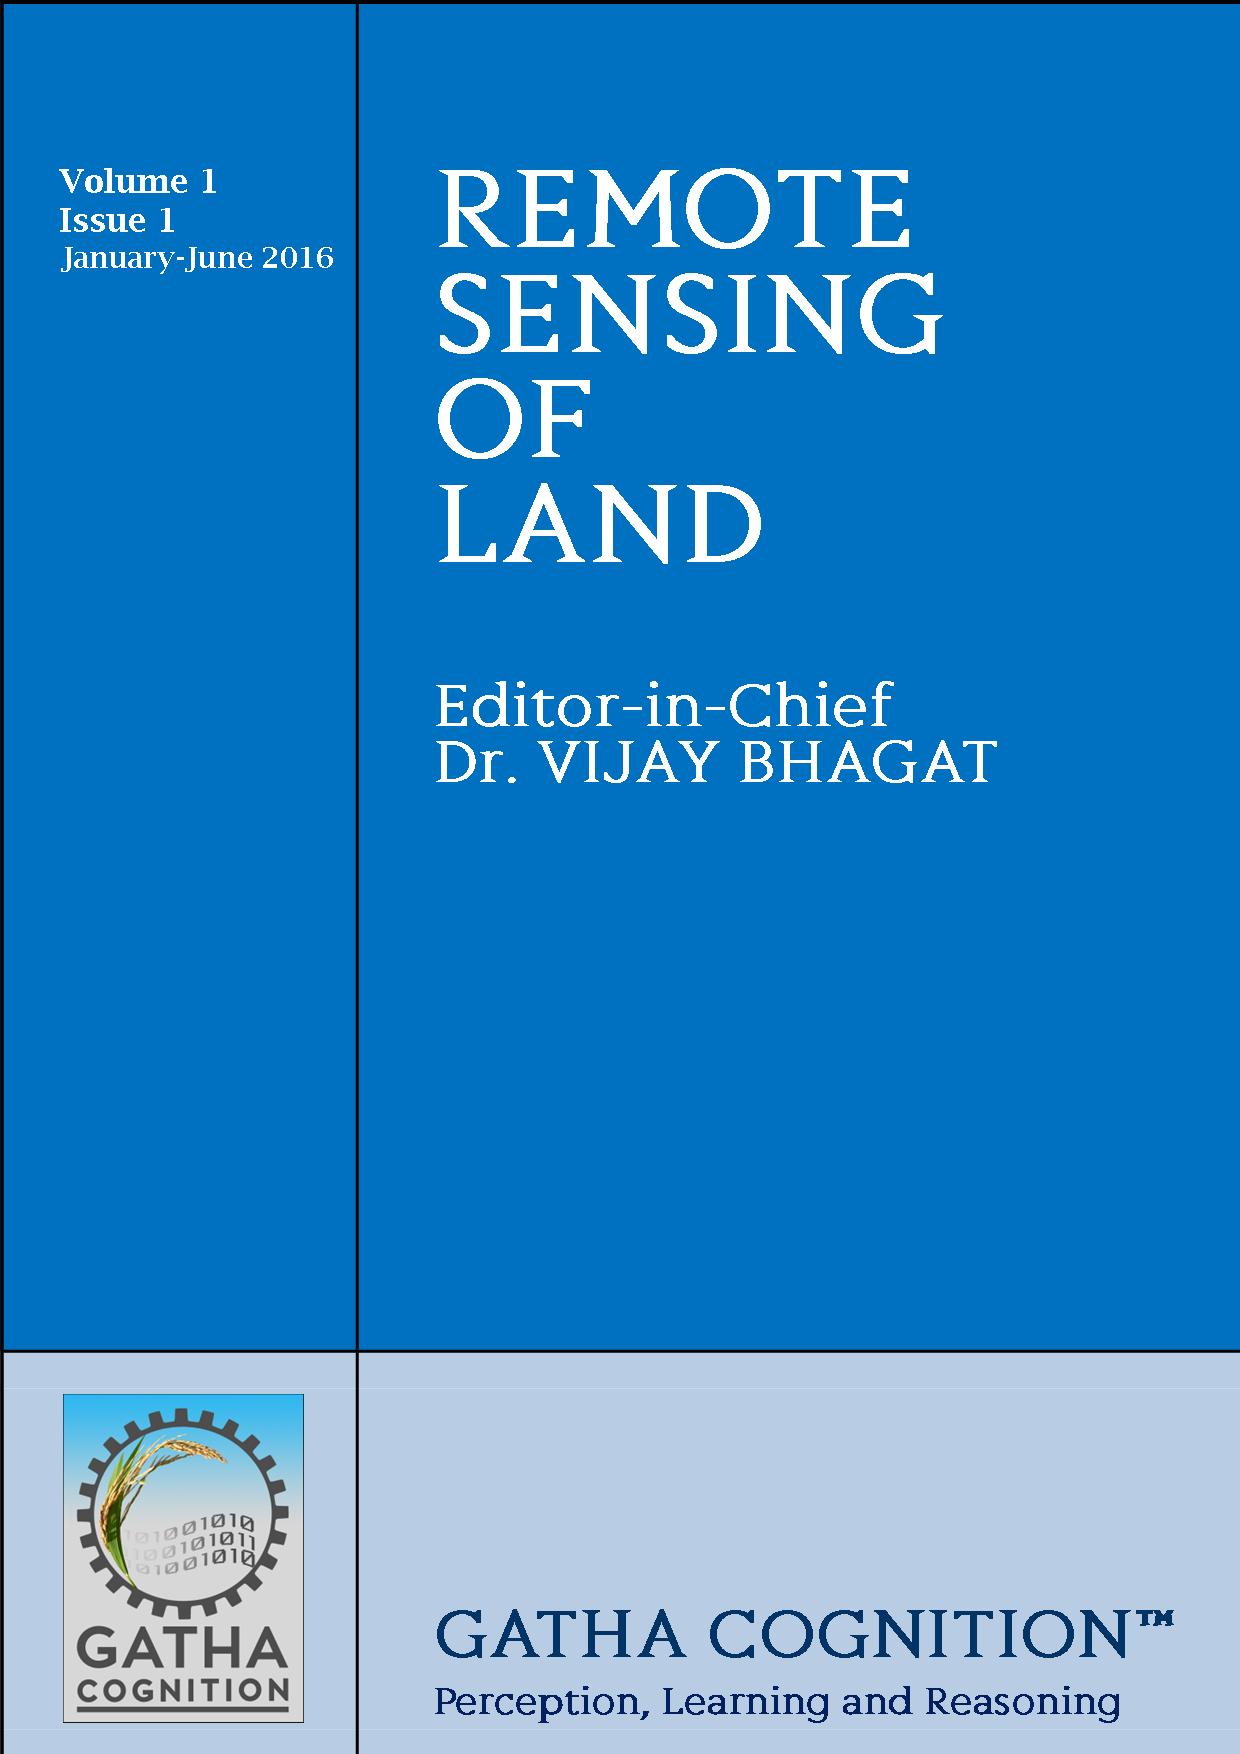 Remote Sensing of Land